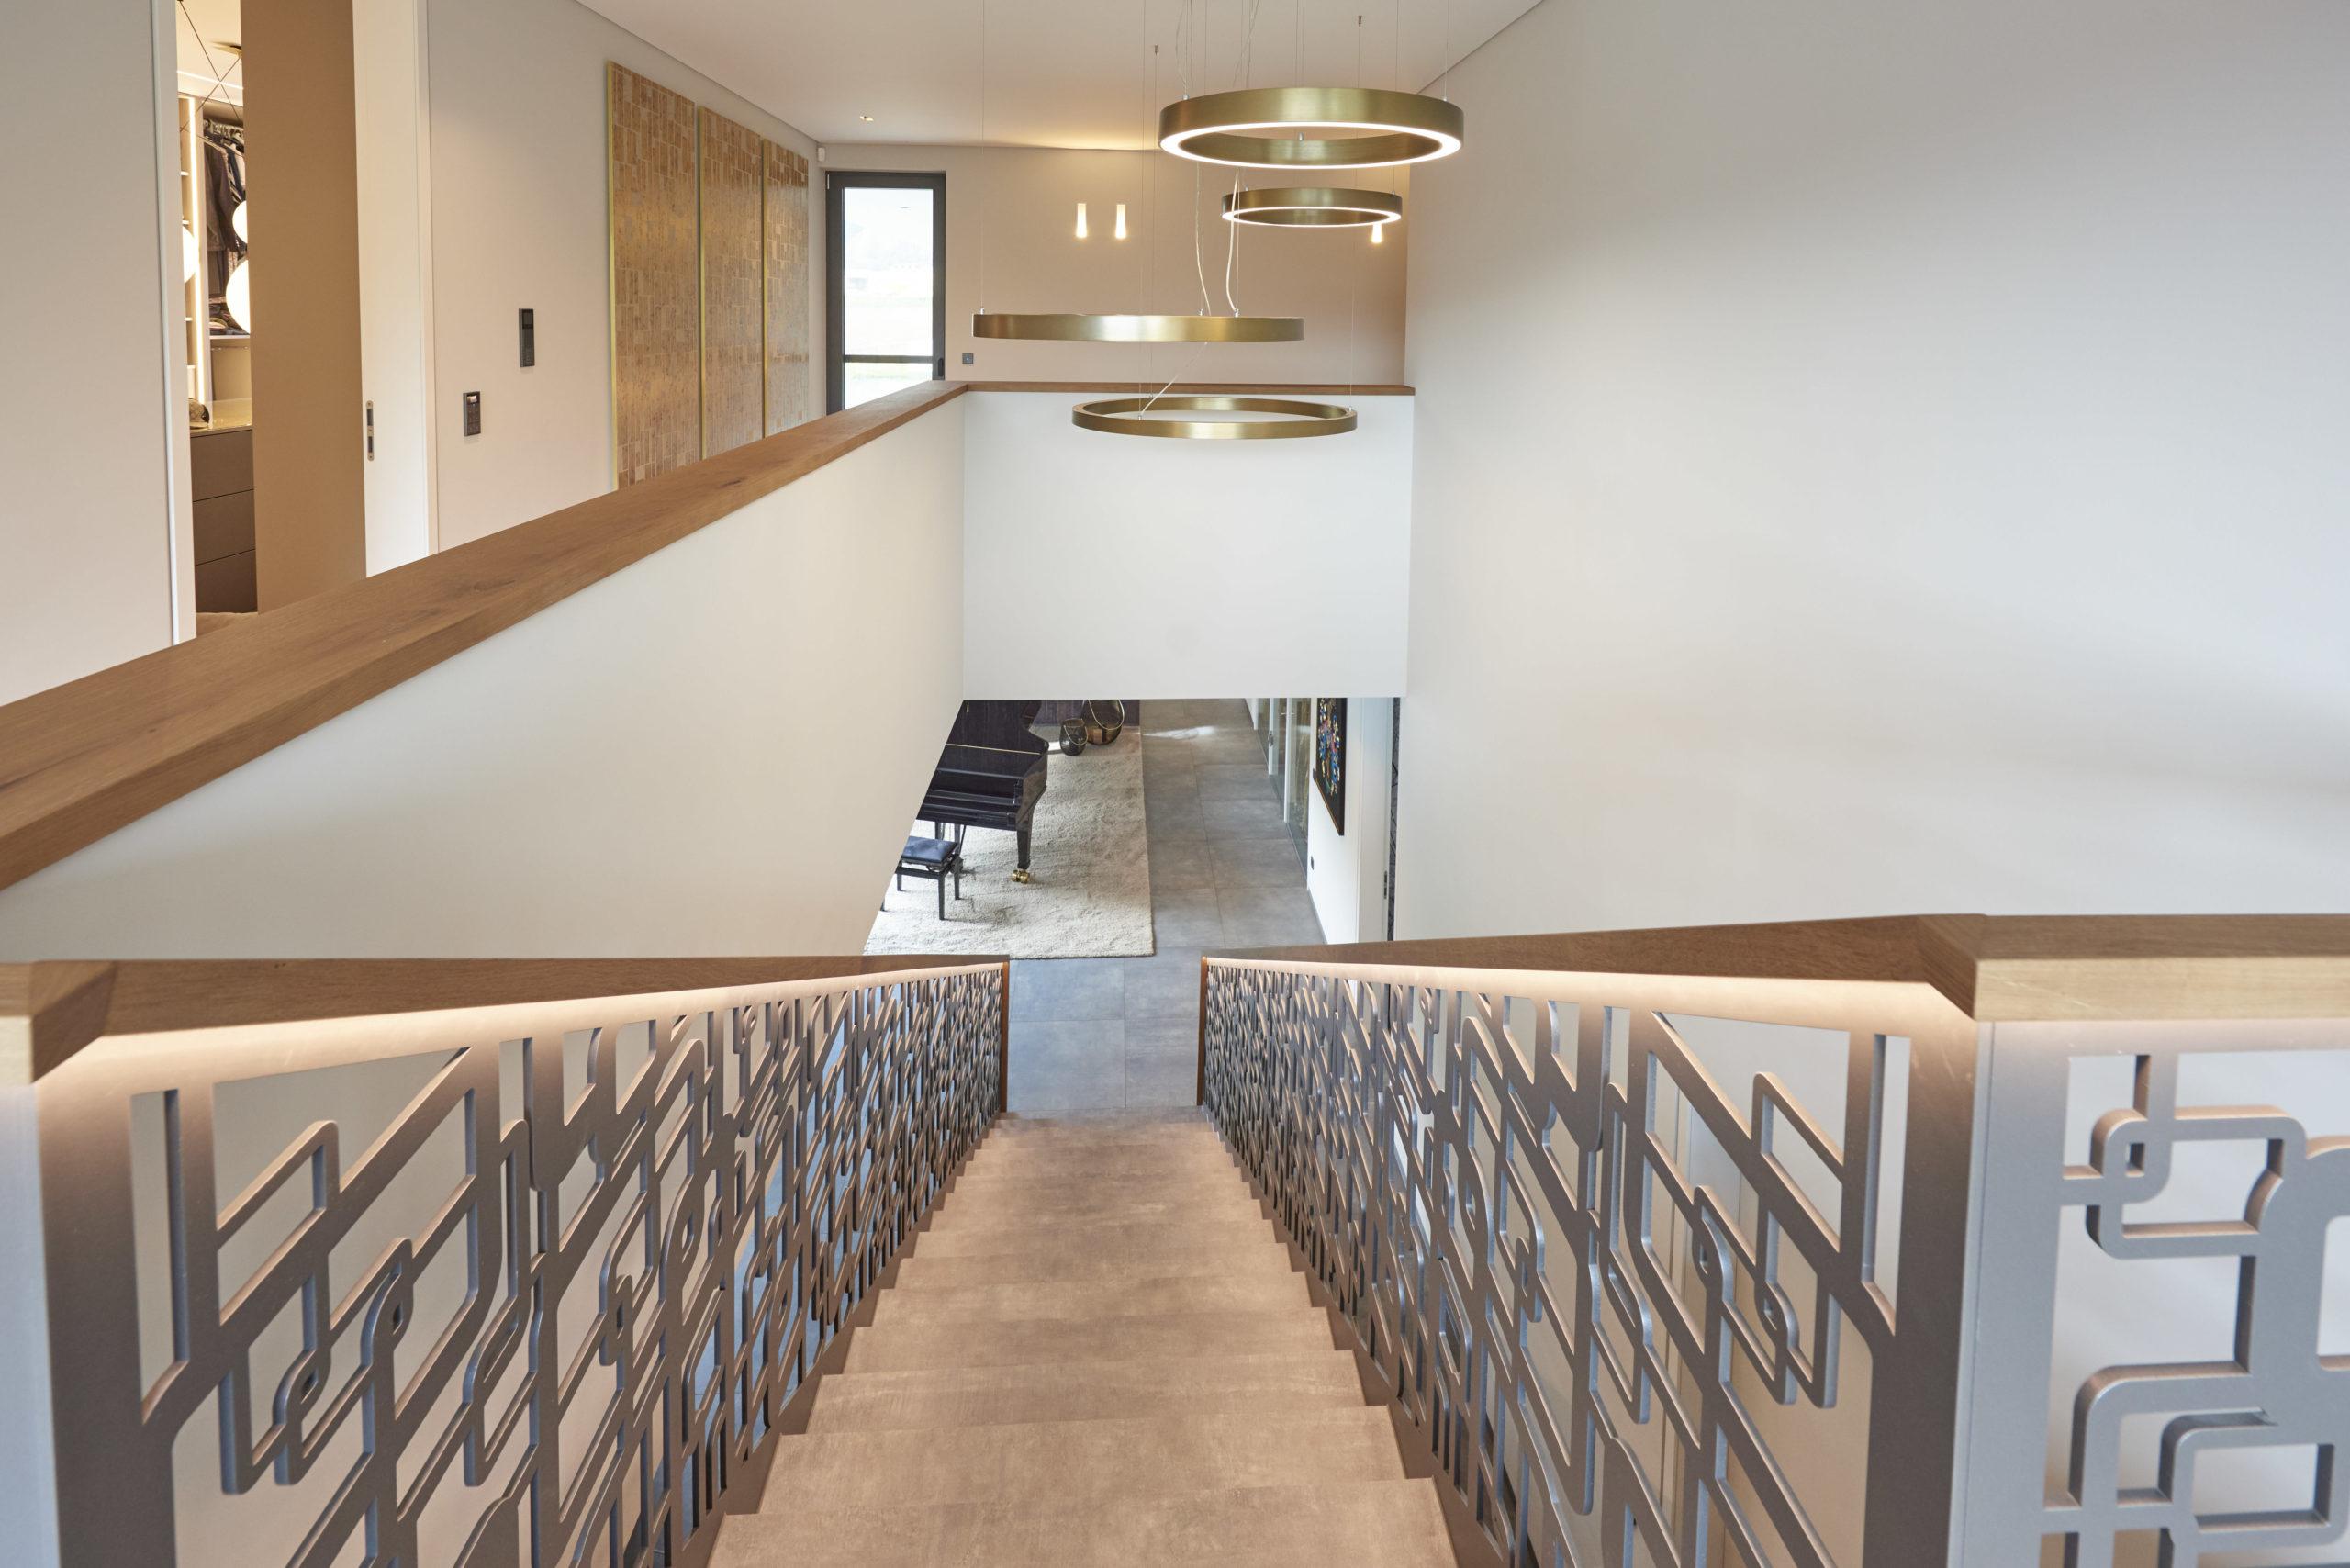 opulentes_treppenhaus-Kopie-scaled